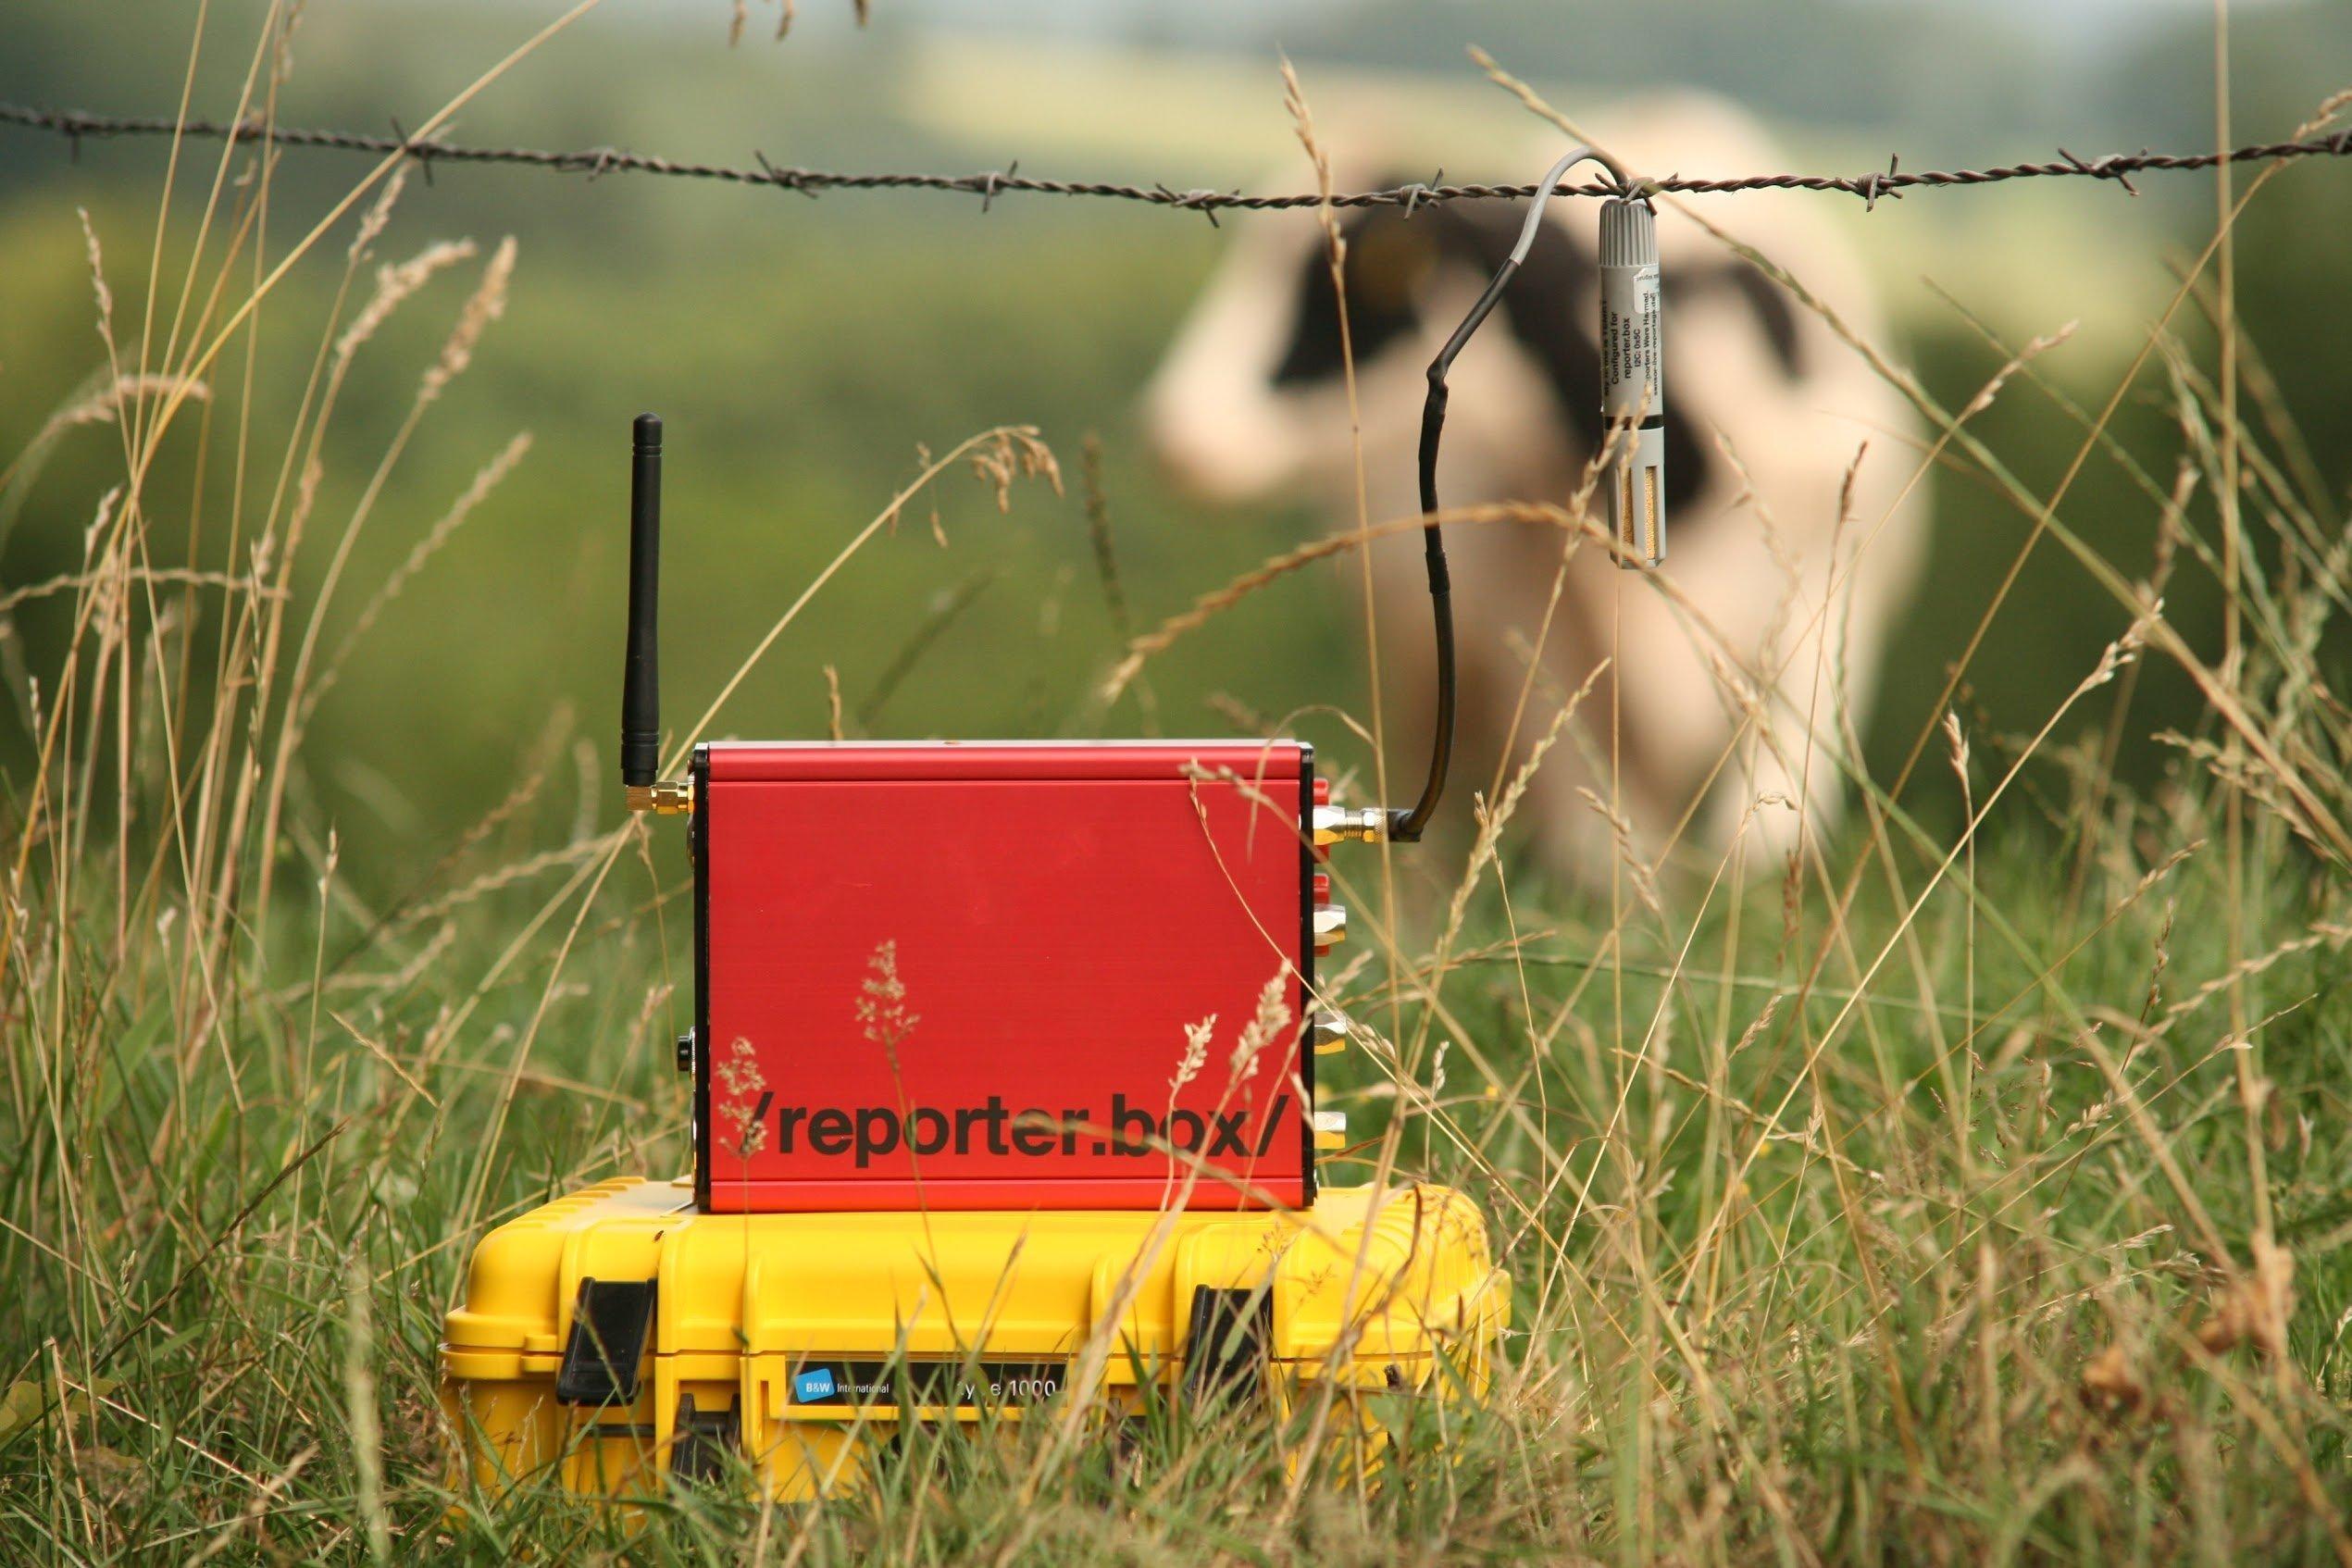 Reporterbox mit Sensoren vor Kuh